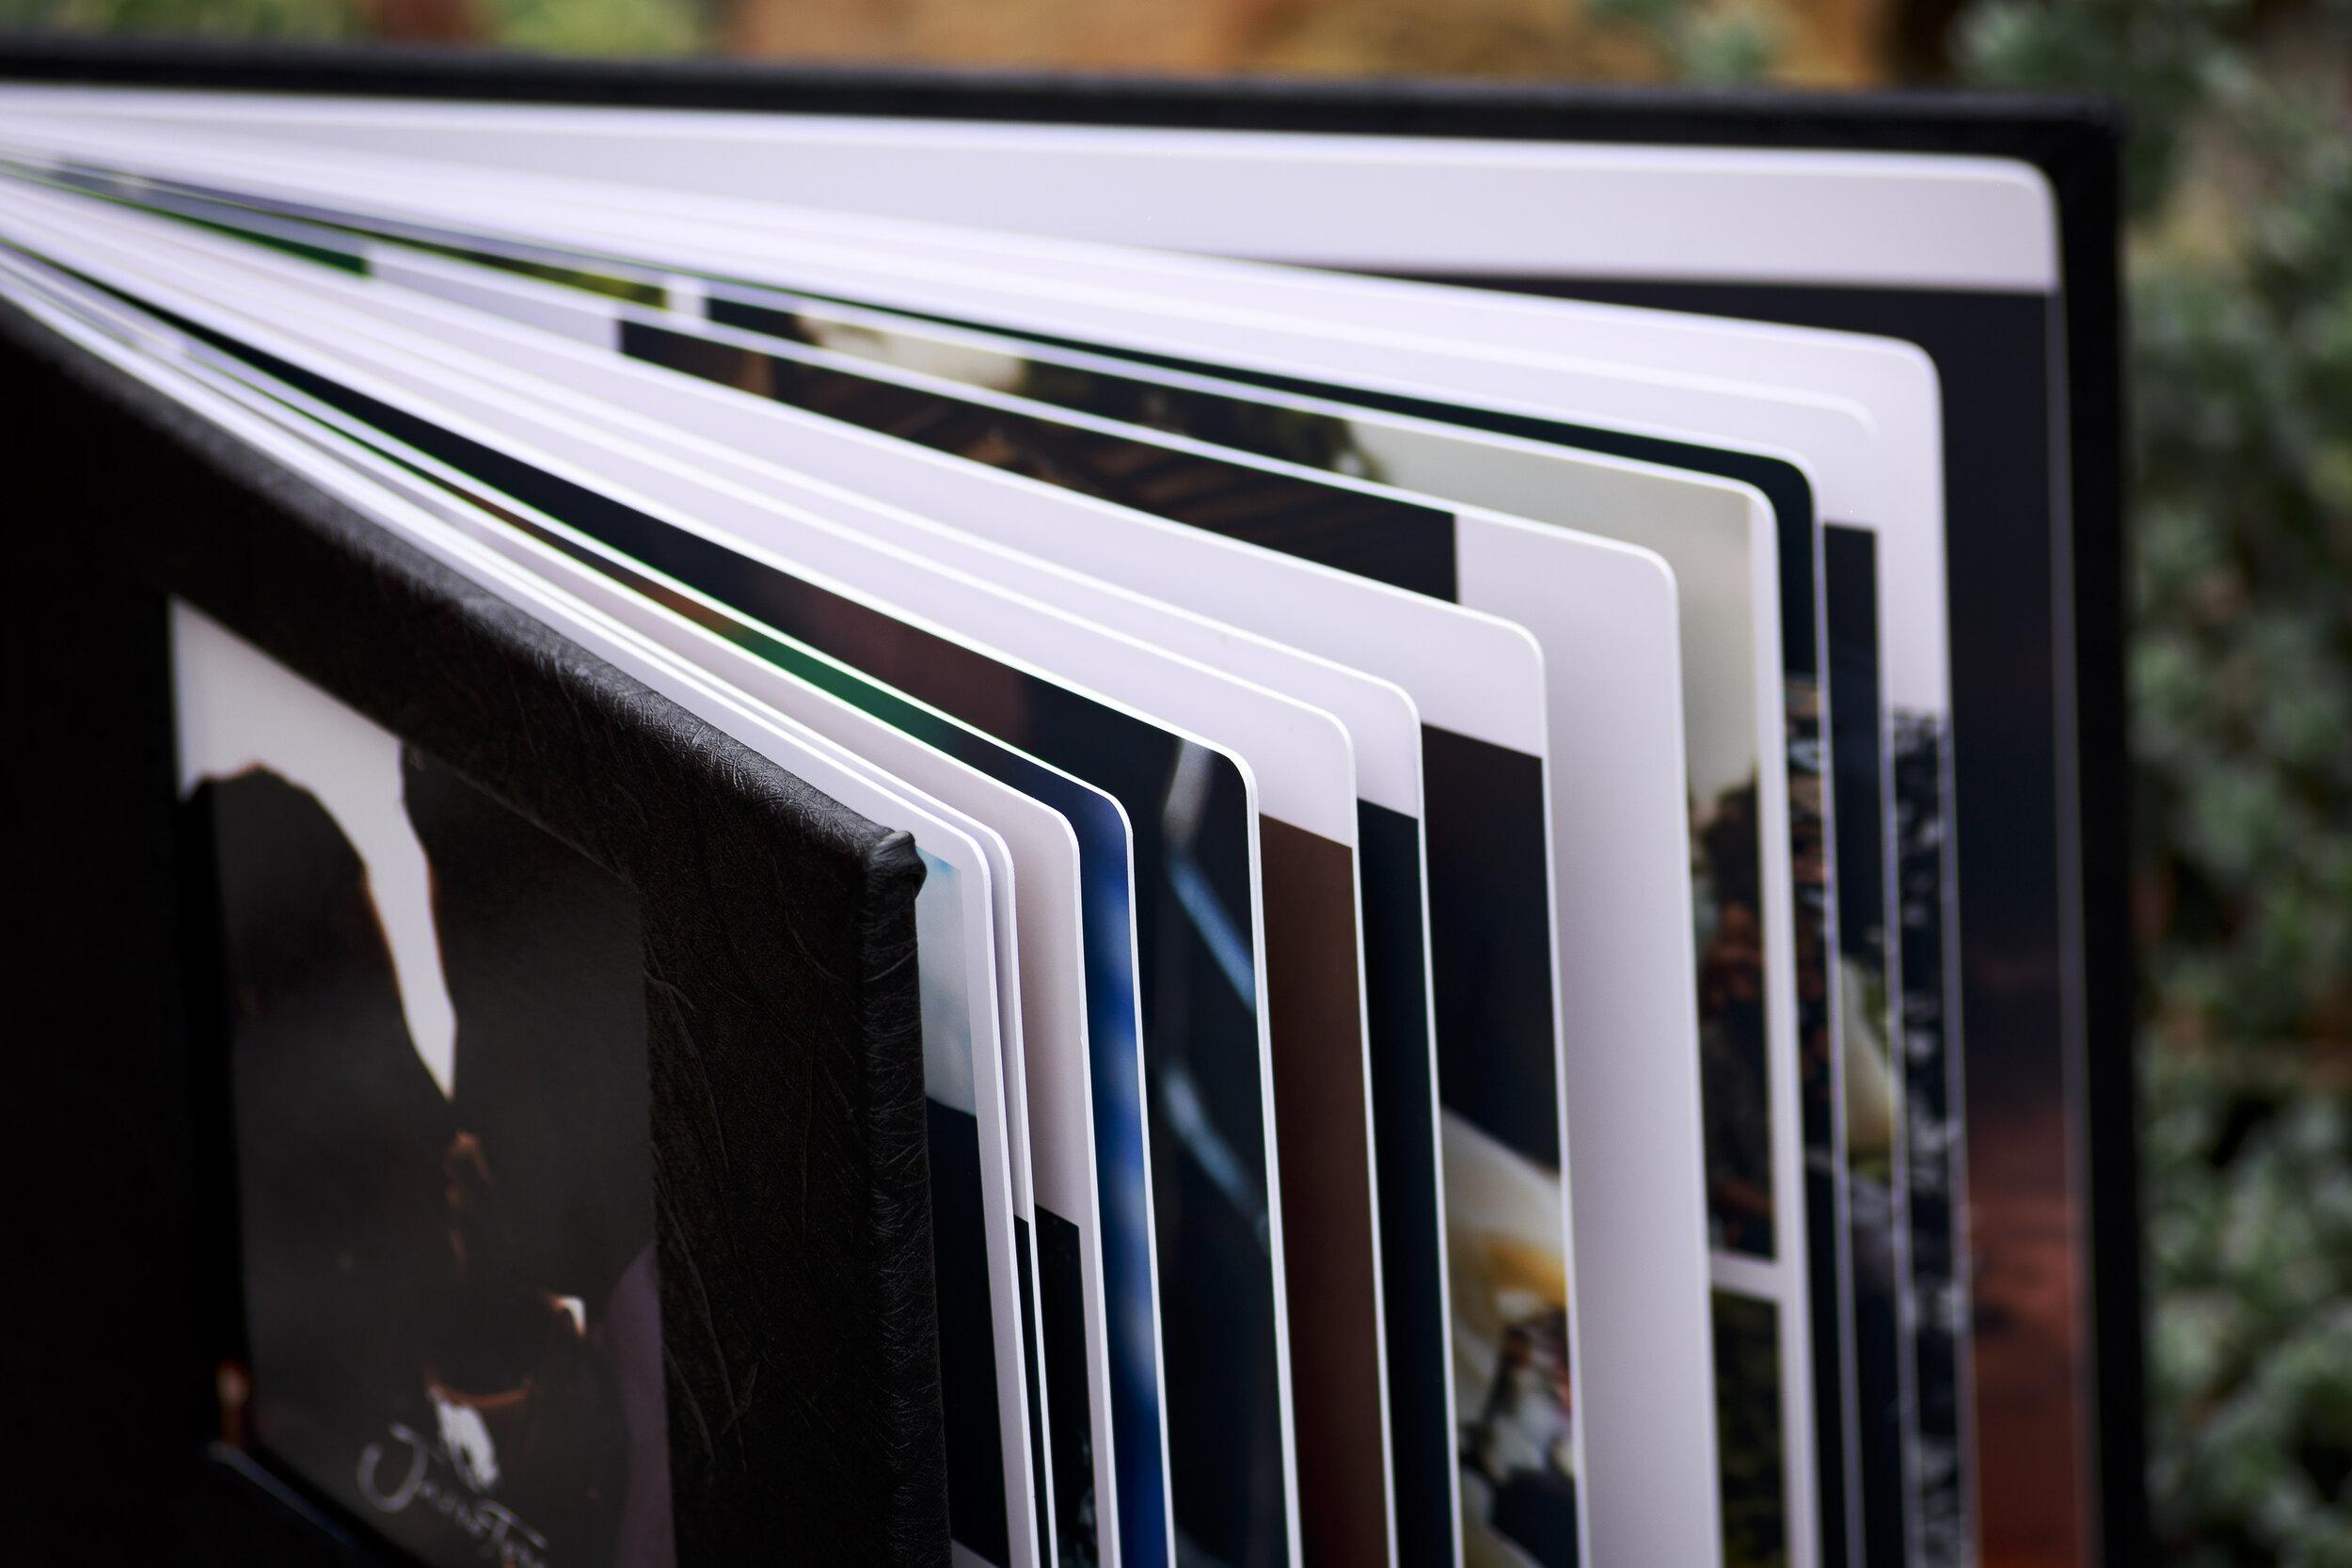 PhotoBooks e impresos - Si quieres realizar impresos con nosotros, con mucho gusto te informaremos de los diferentes productos que te podemos ofrecer y sus costos. Ponte en contacto nos nosotros y cuéntanos que necesitas.Algunos productos:Impresiones en papel fotográfico tamaños 10x15 cm, 13x18 cm, 20x30 cm.PhotoBooks tipo revista de hasta 40 páginas.PhotoBooks de Lujo desde 15x20 cm hasta 30x30 cm